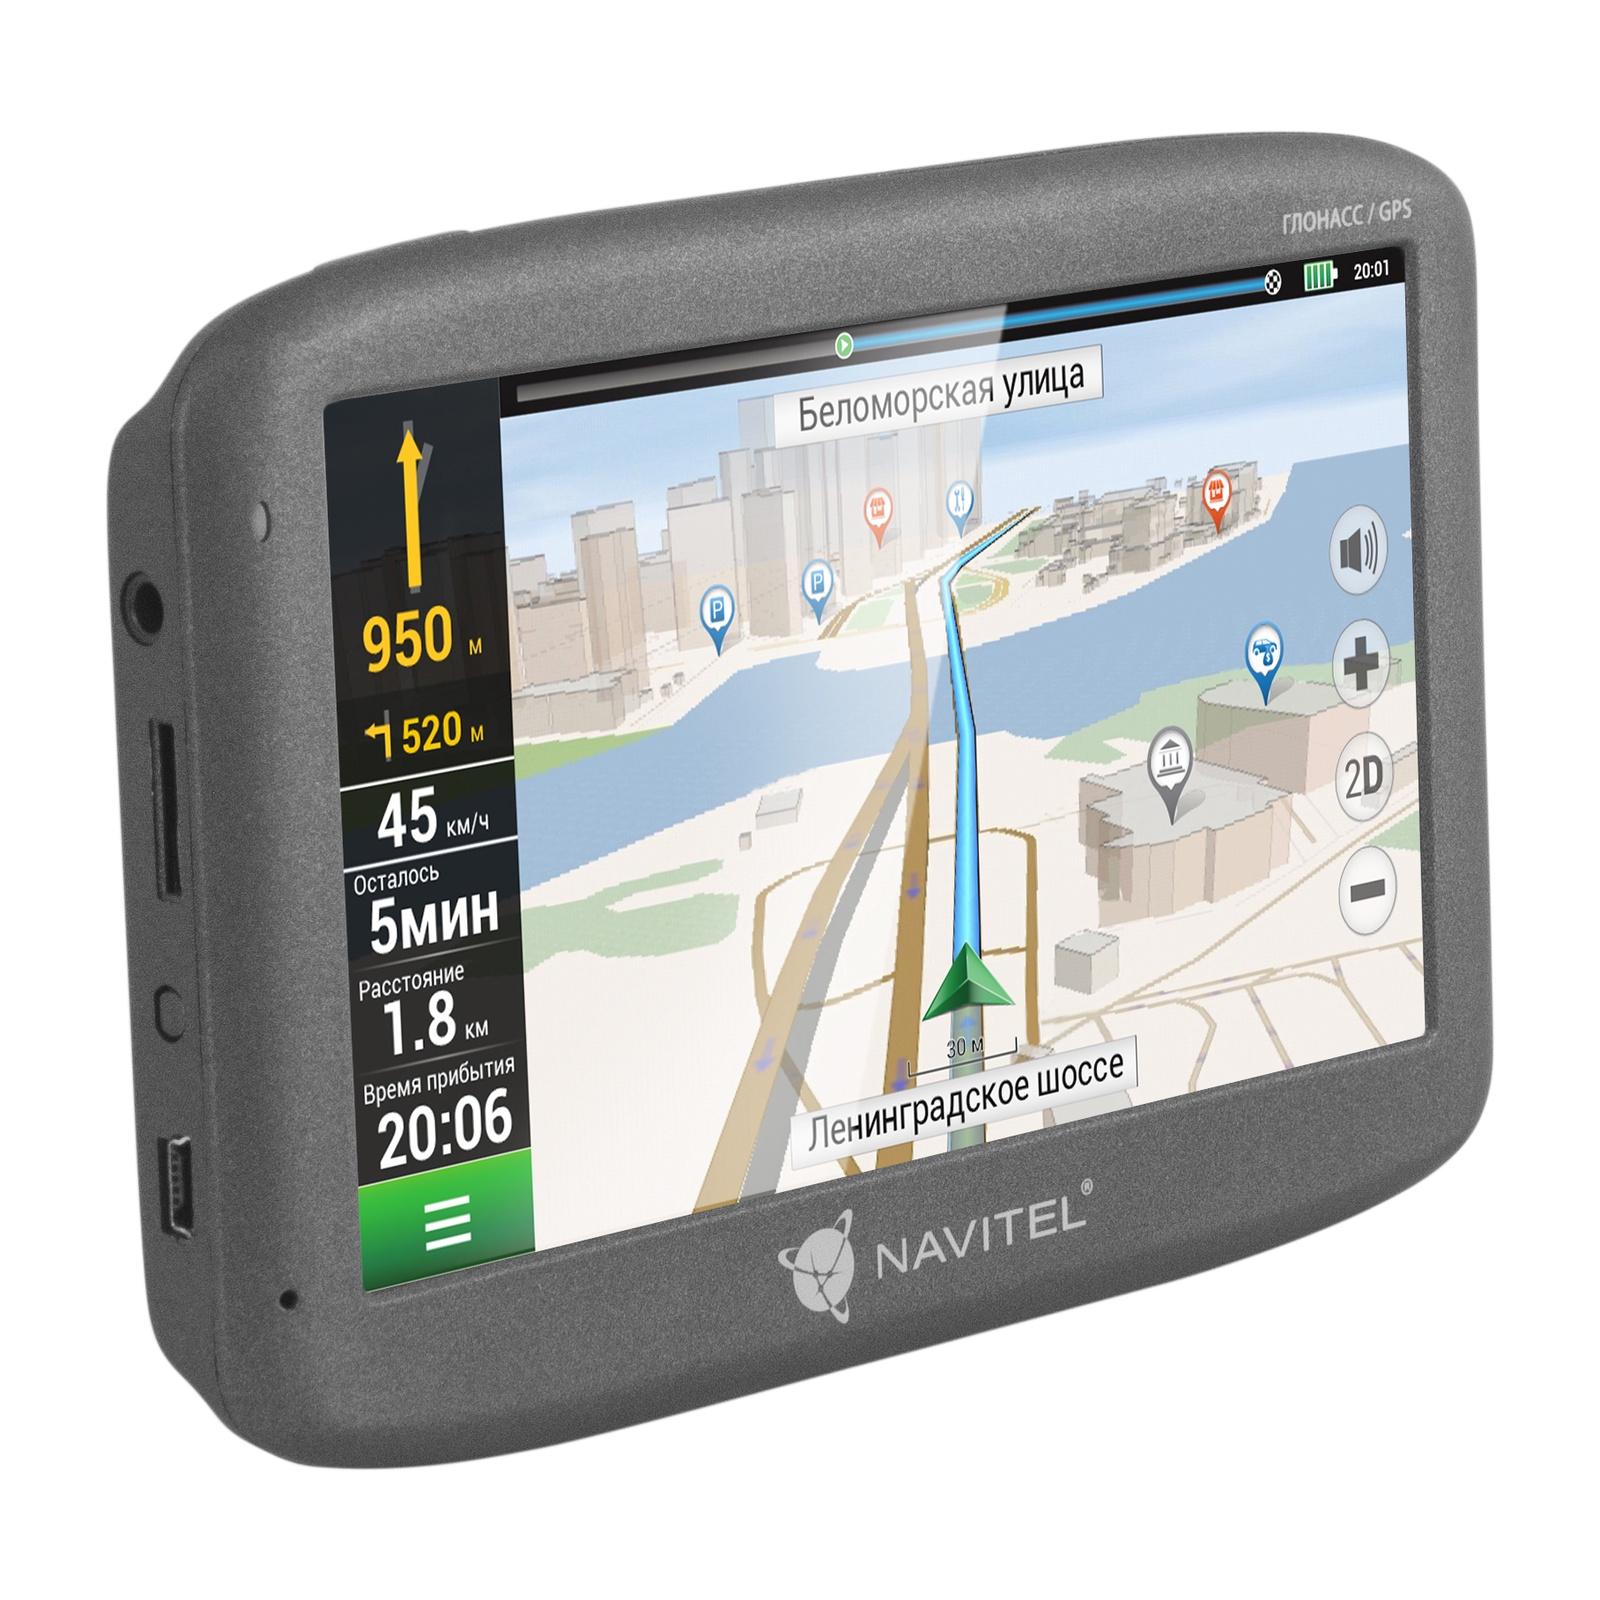 GPS-навигатор Navitel G500 восстановленный